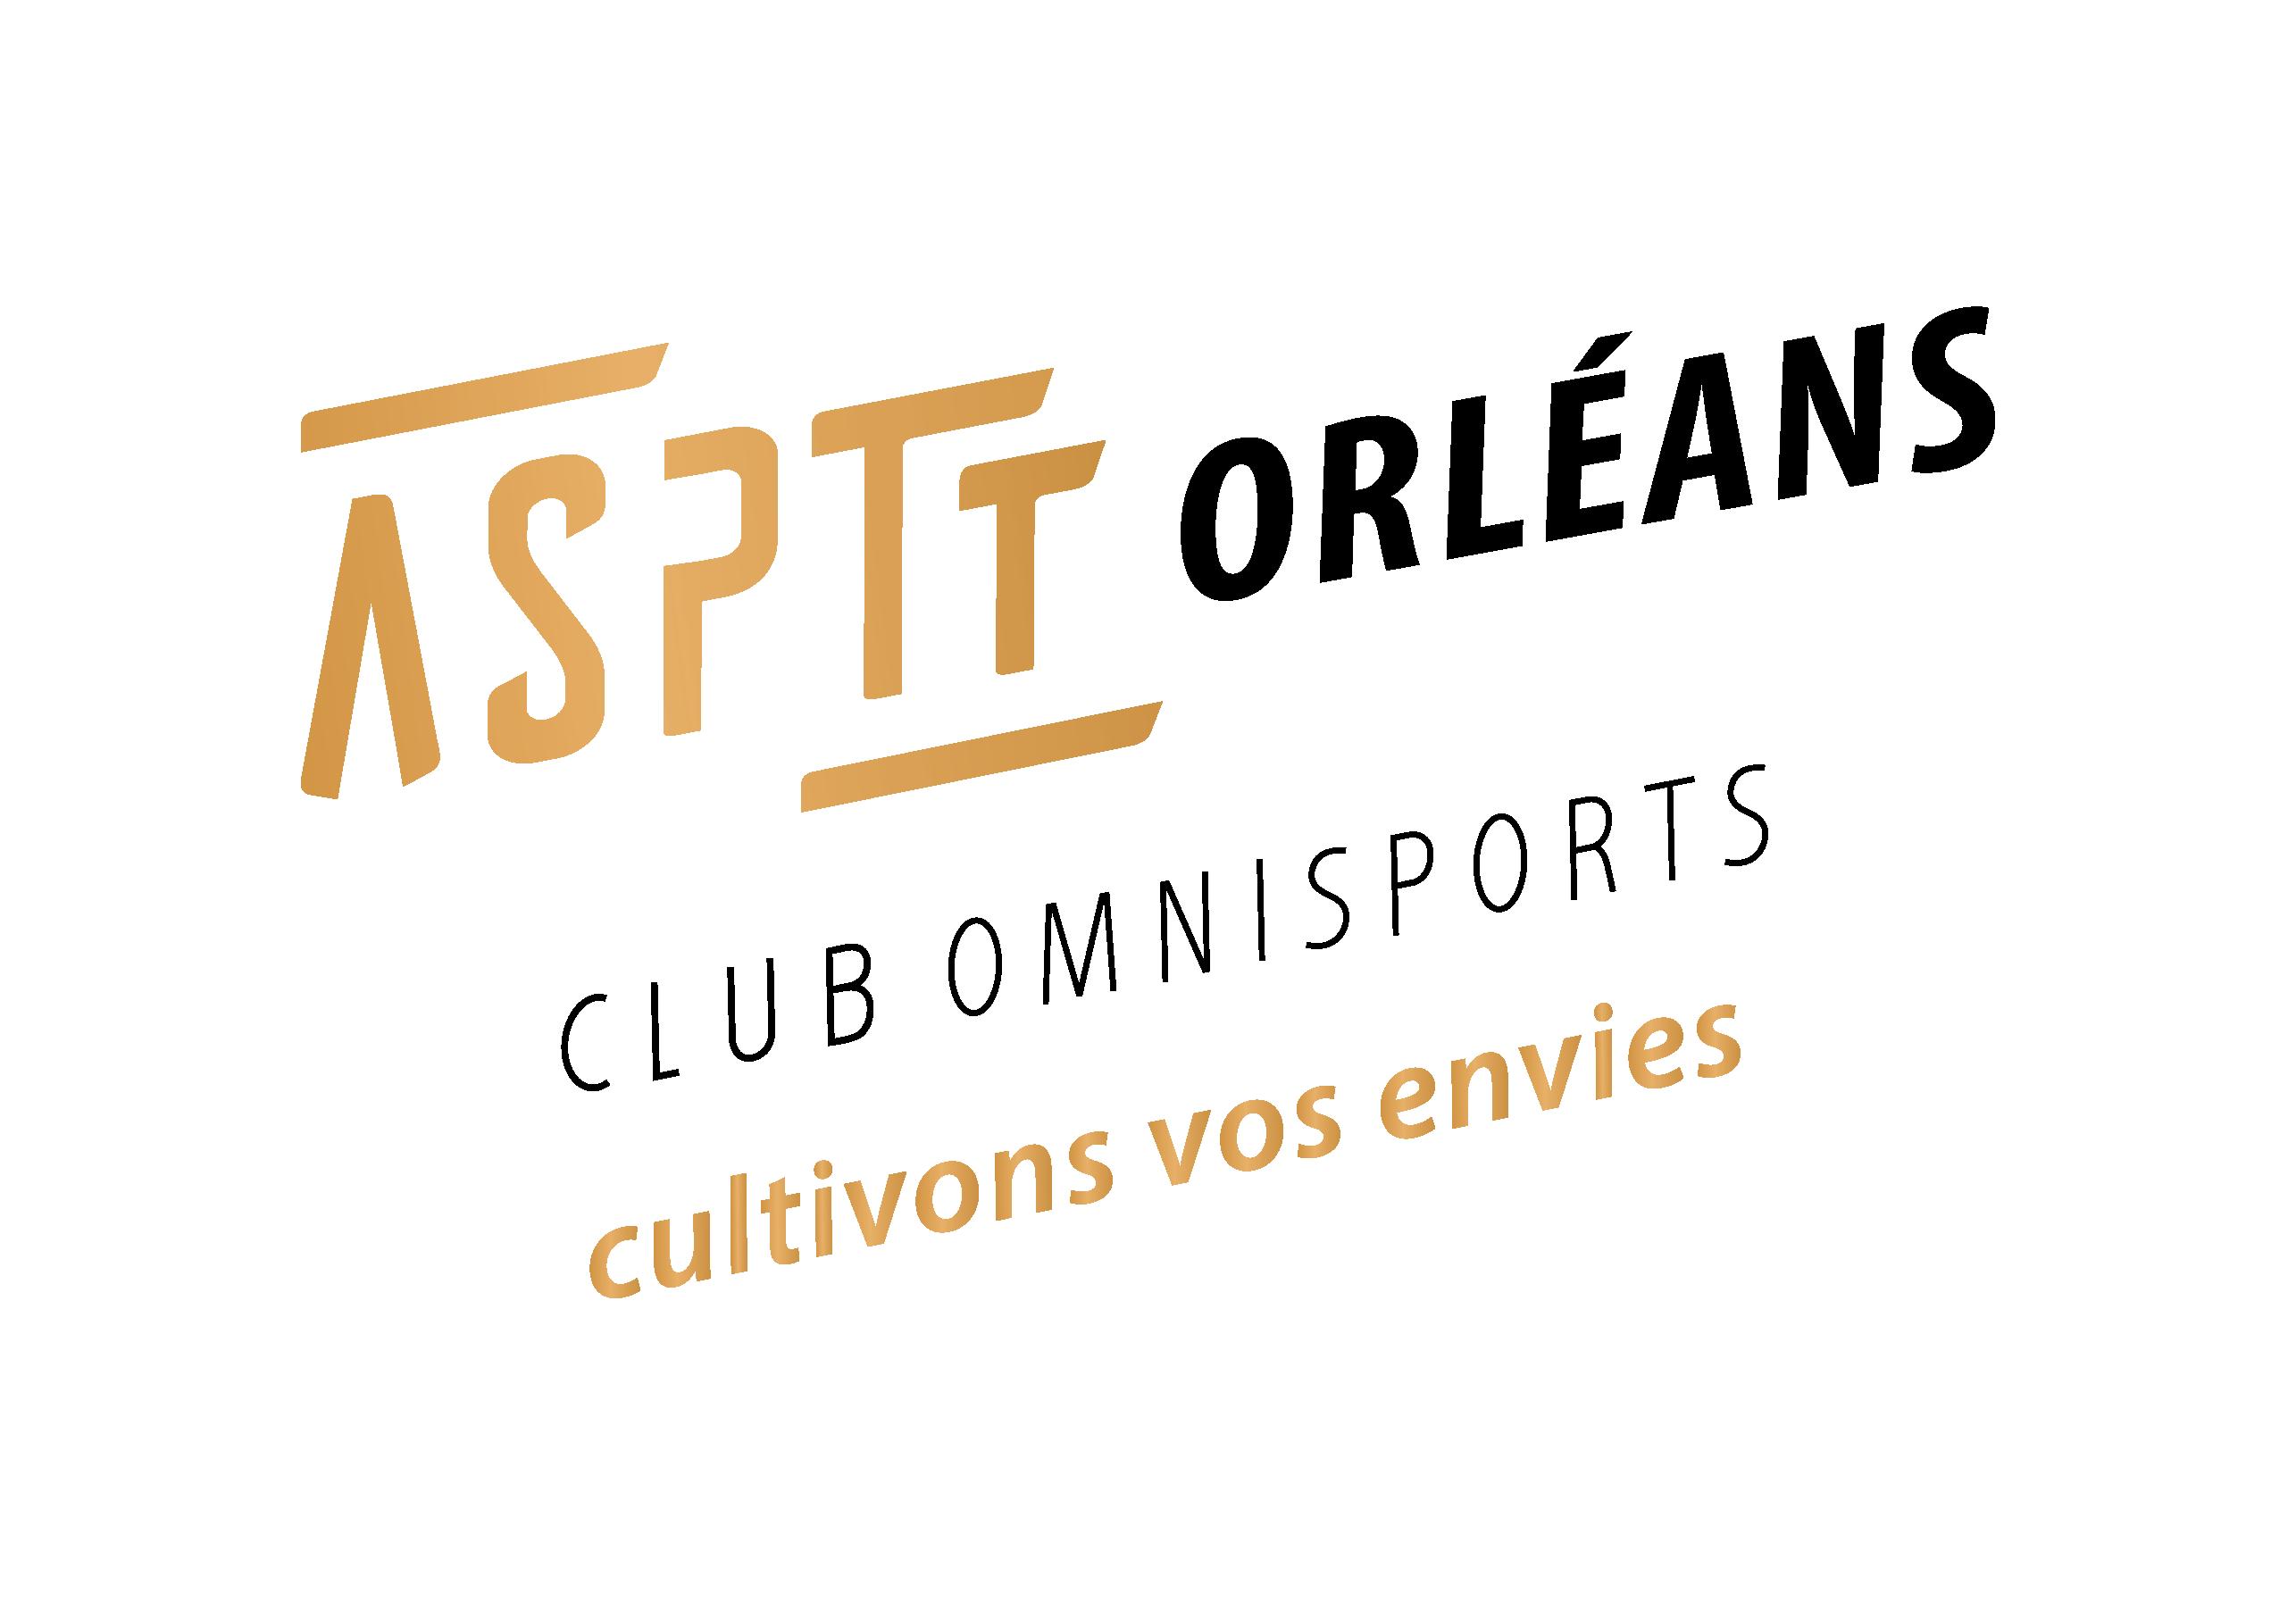 L'ASPTT Orléans un club omnisports ouvert à toutes et tous